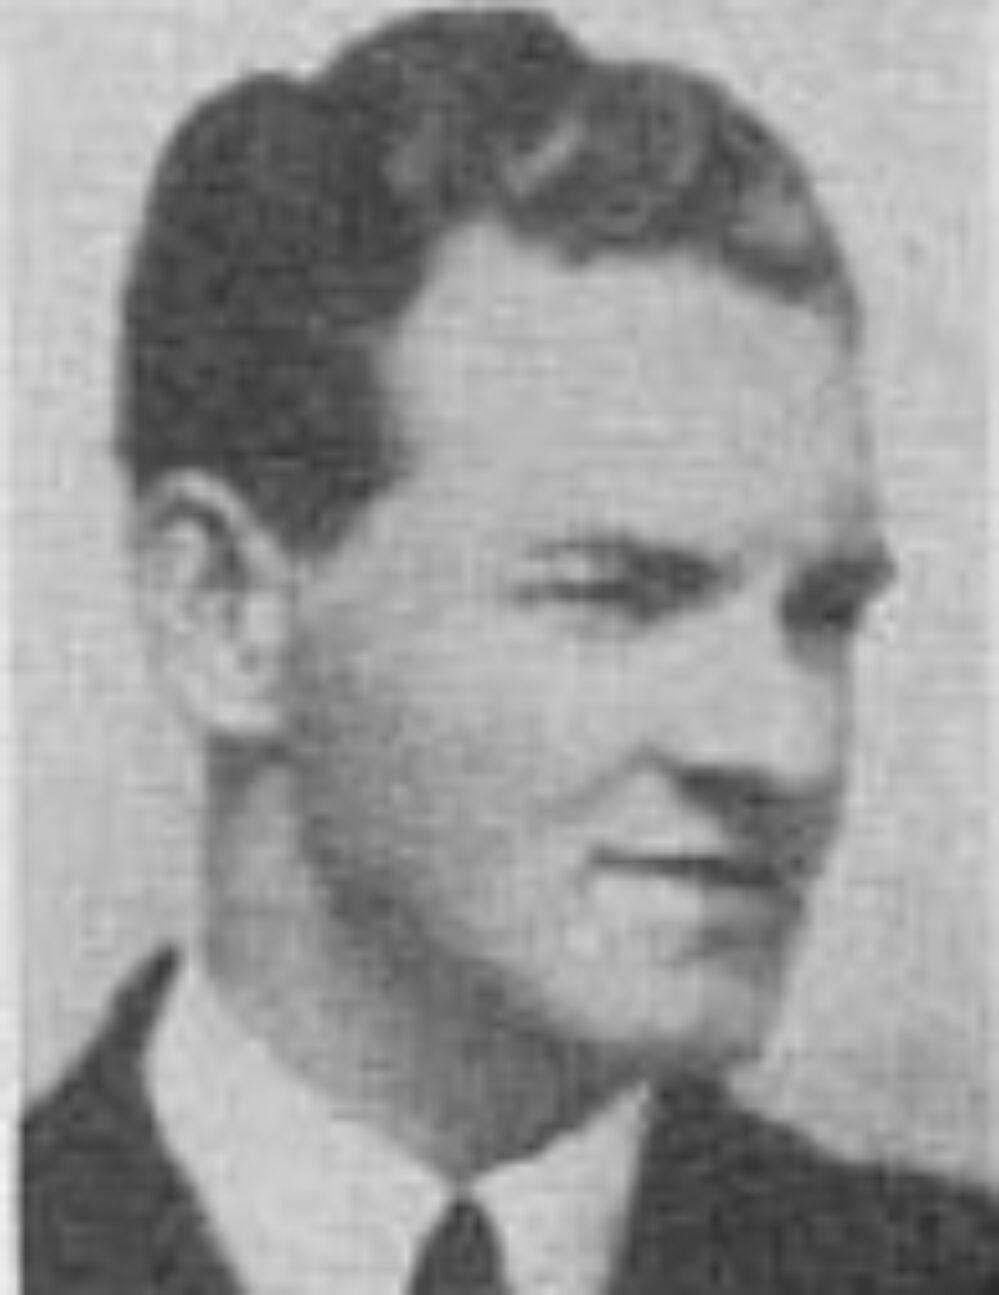 Thoralf Margido Sandnes